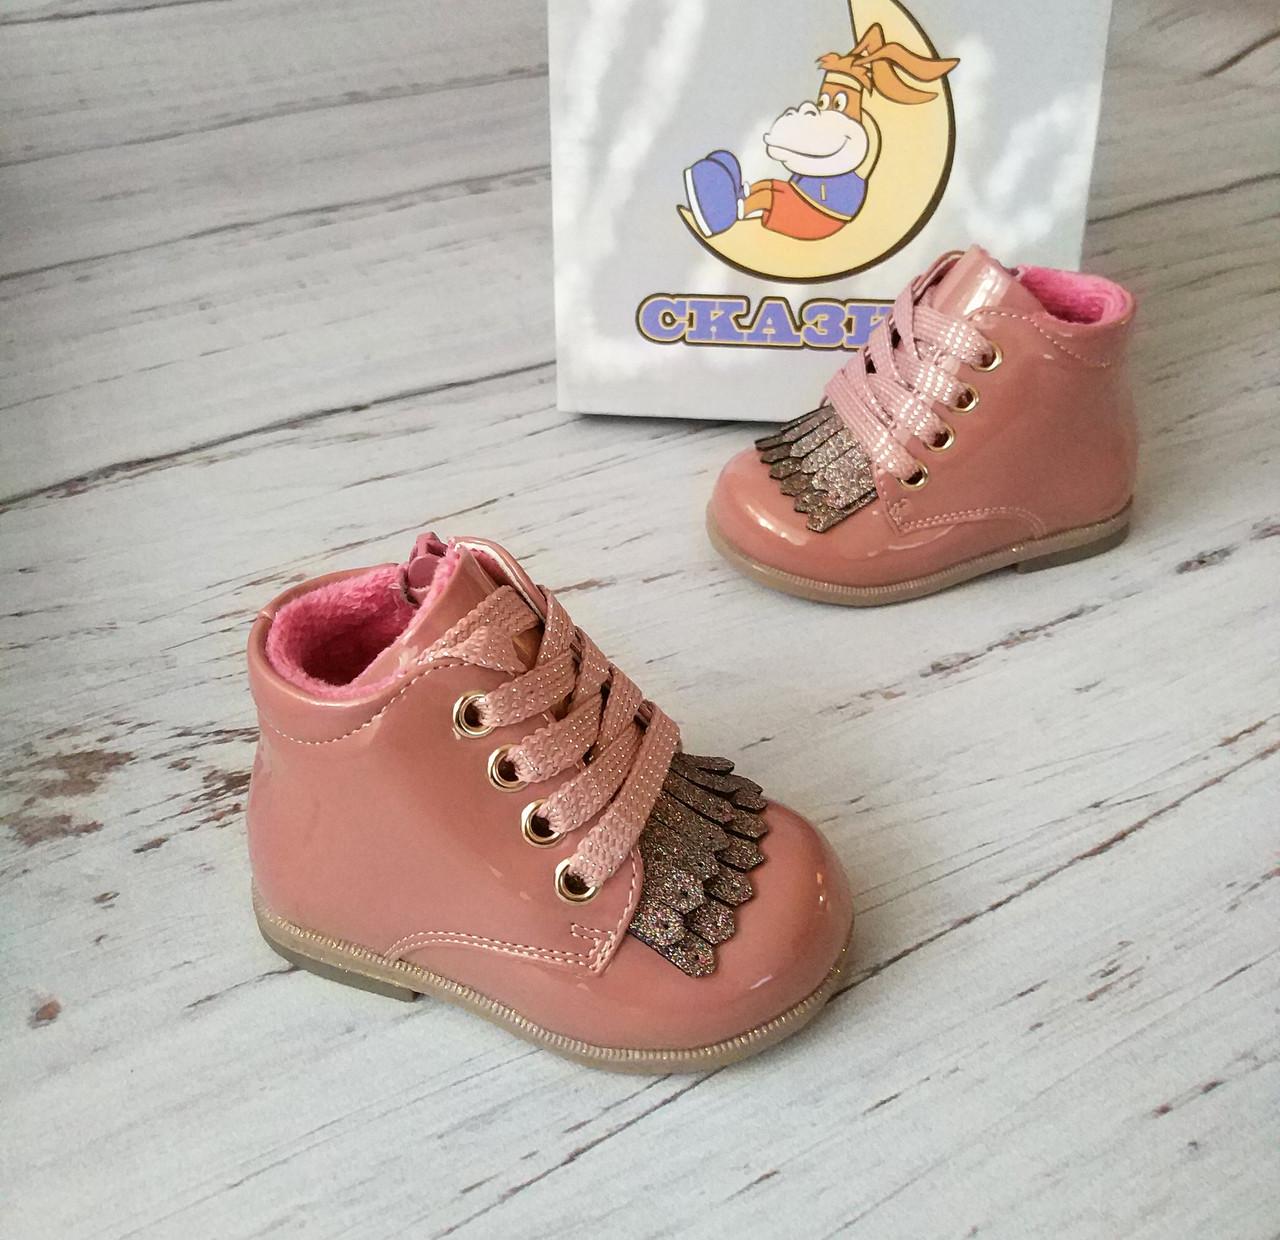 Ботинки для девочек Сказка, розовые, ортопедические